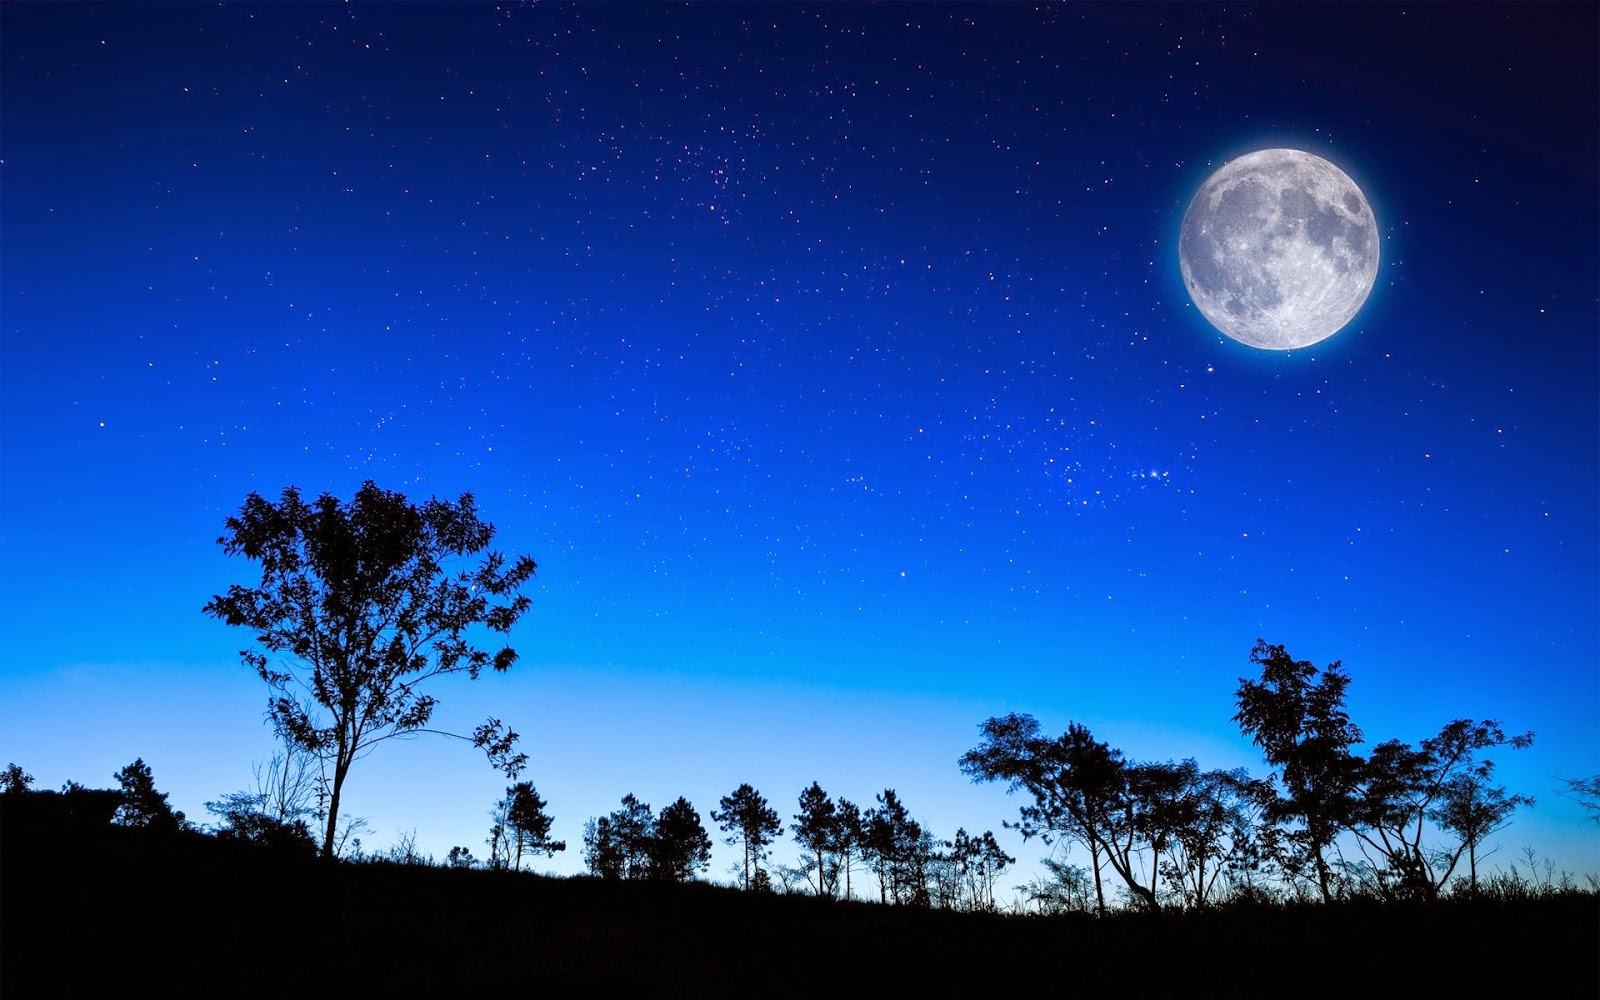 معجزة الليل